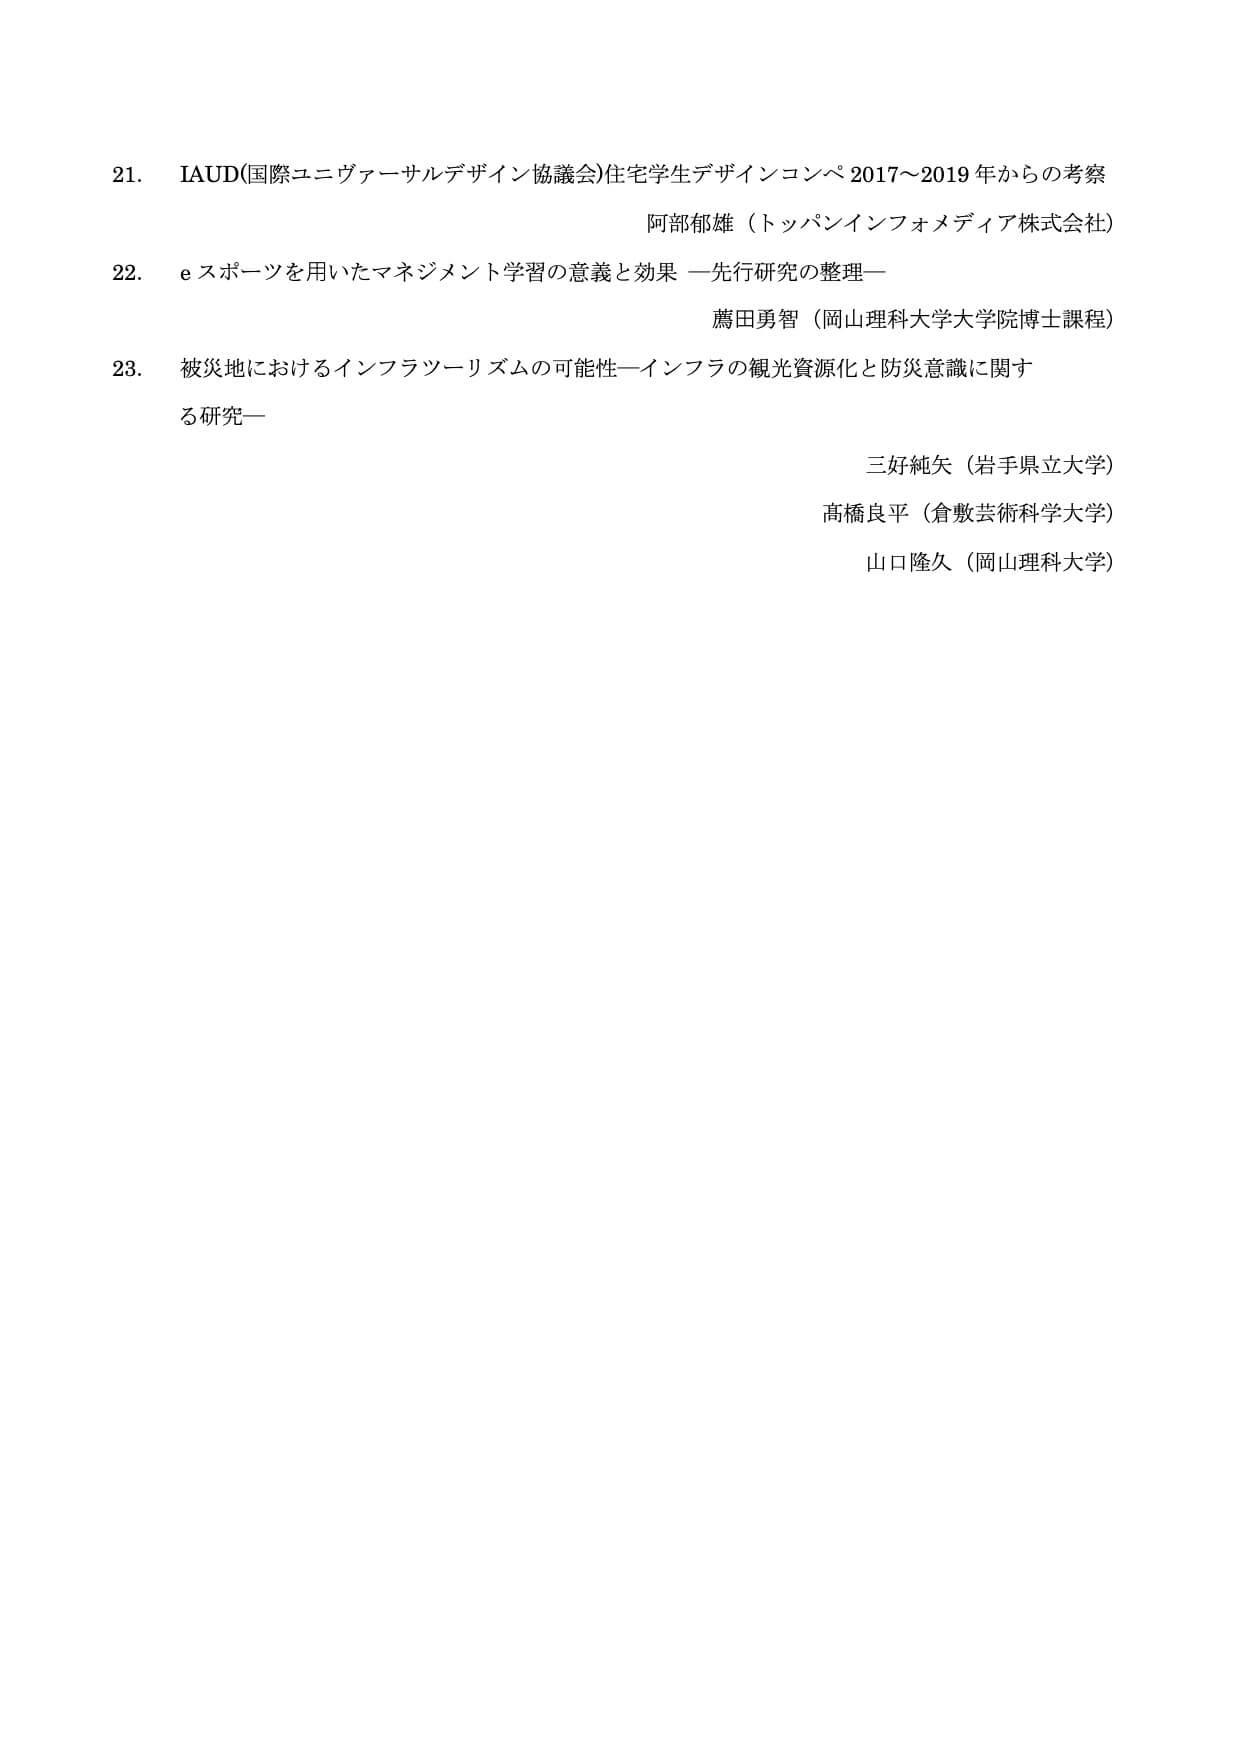 日本消費経済学会第46回全国大会要旨目次3